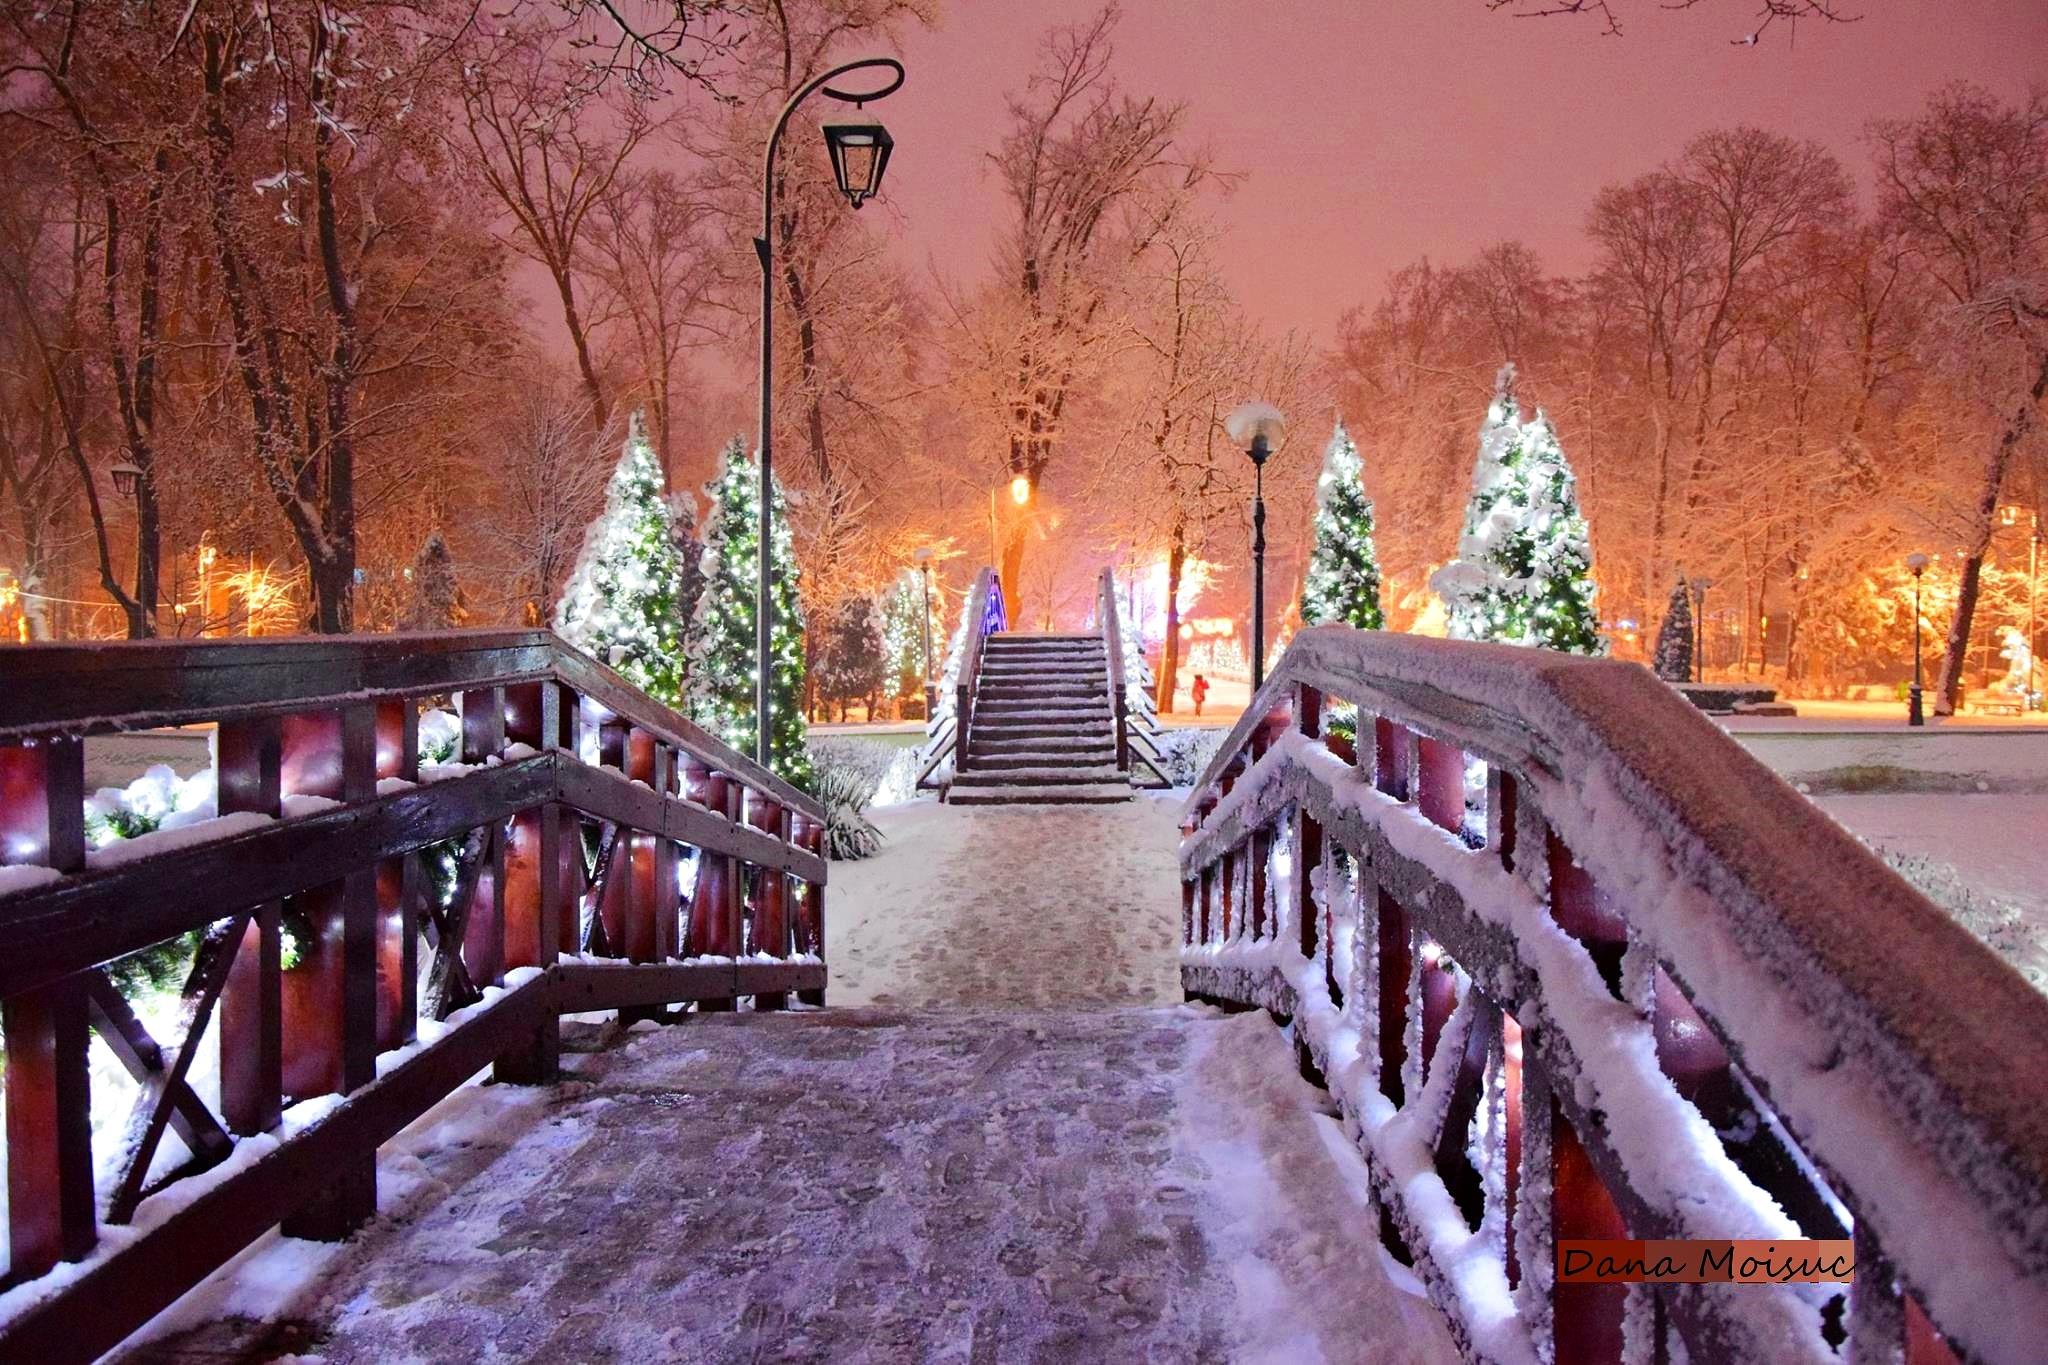 Winter in my city by Dana Moisuc